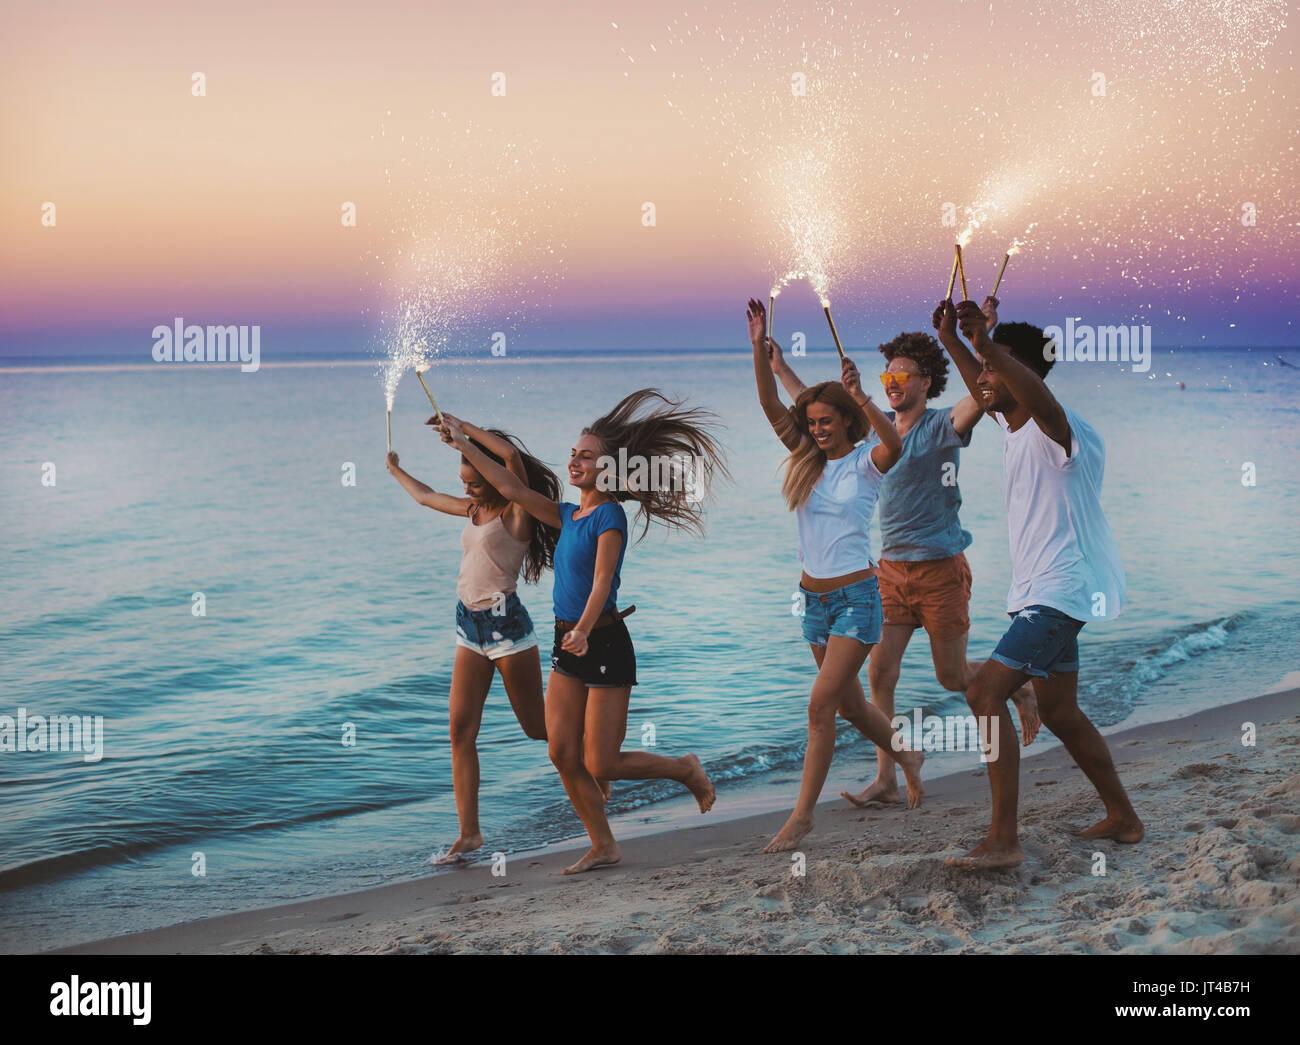 Glücklich lächelnde Freunde laufen am Strand mit funkelnden Kerzen Stockbild